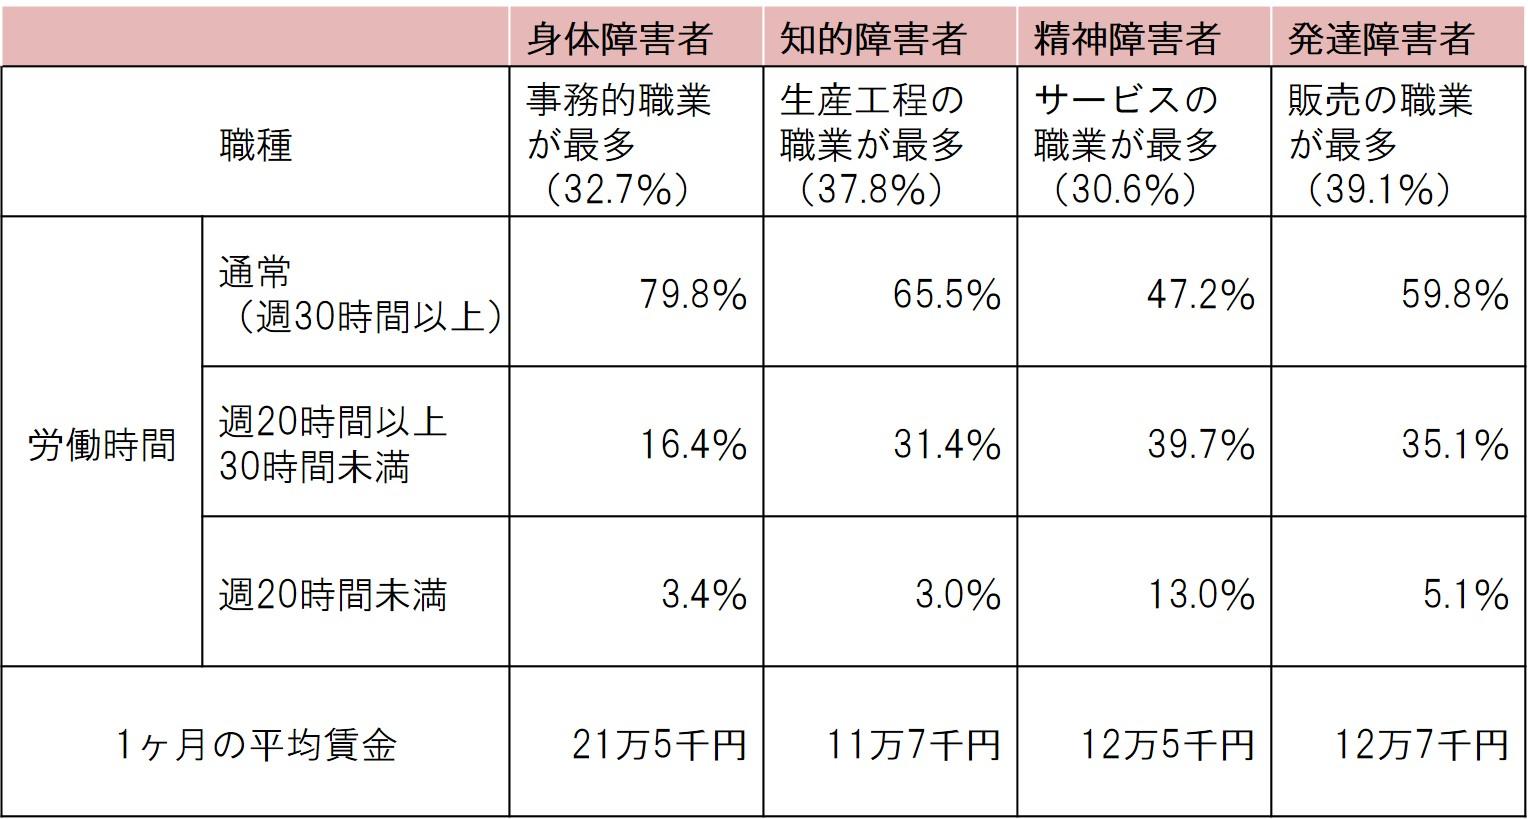 障害者の雇用環境|船井総研ロジ株式会社